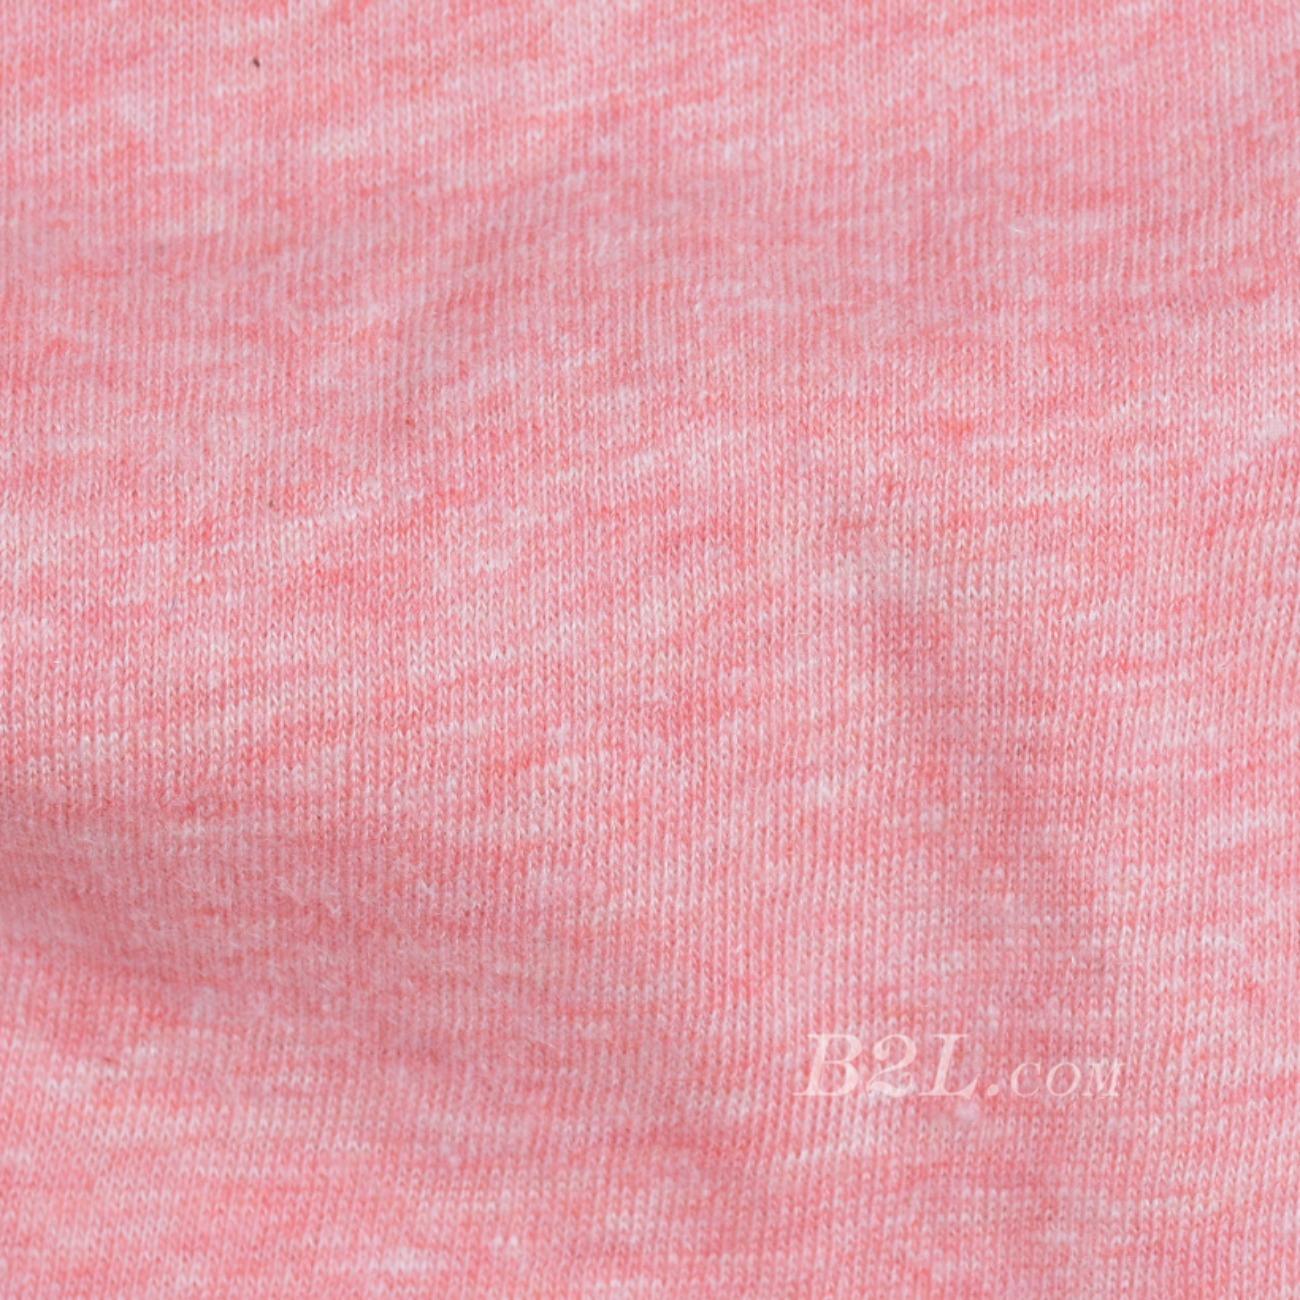 素色 针织 染色 低弹 春秋 连衣裙 时装 90306-45